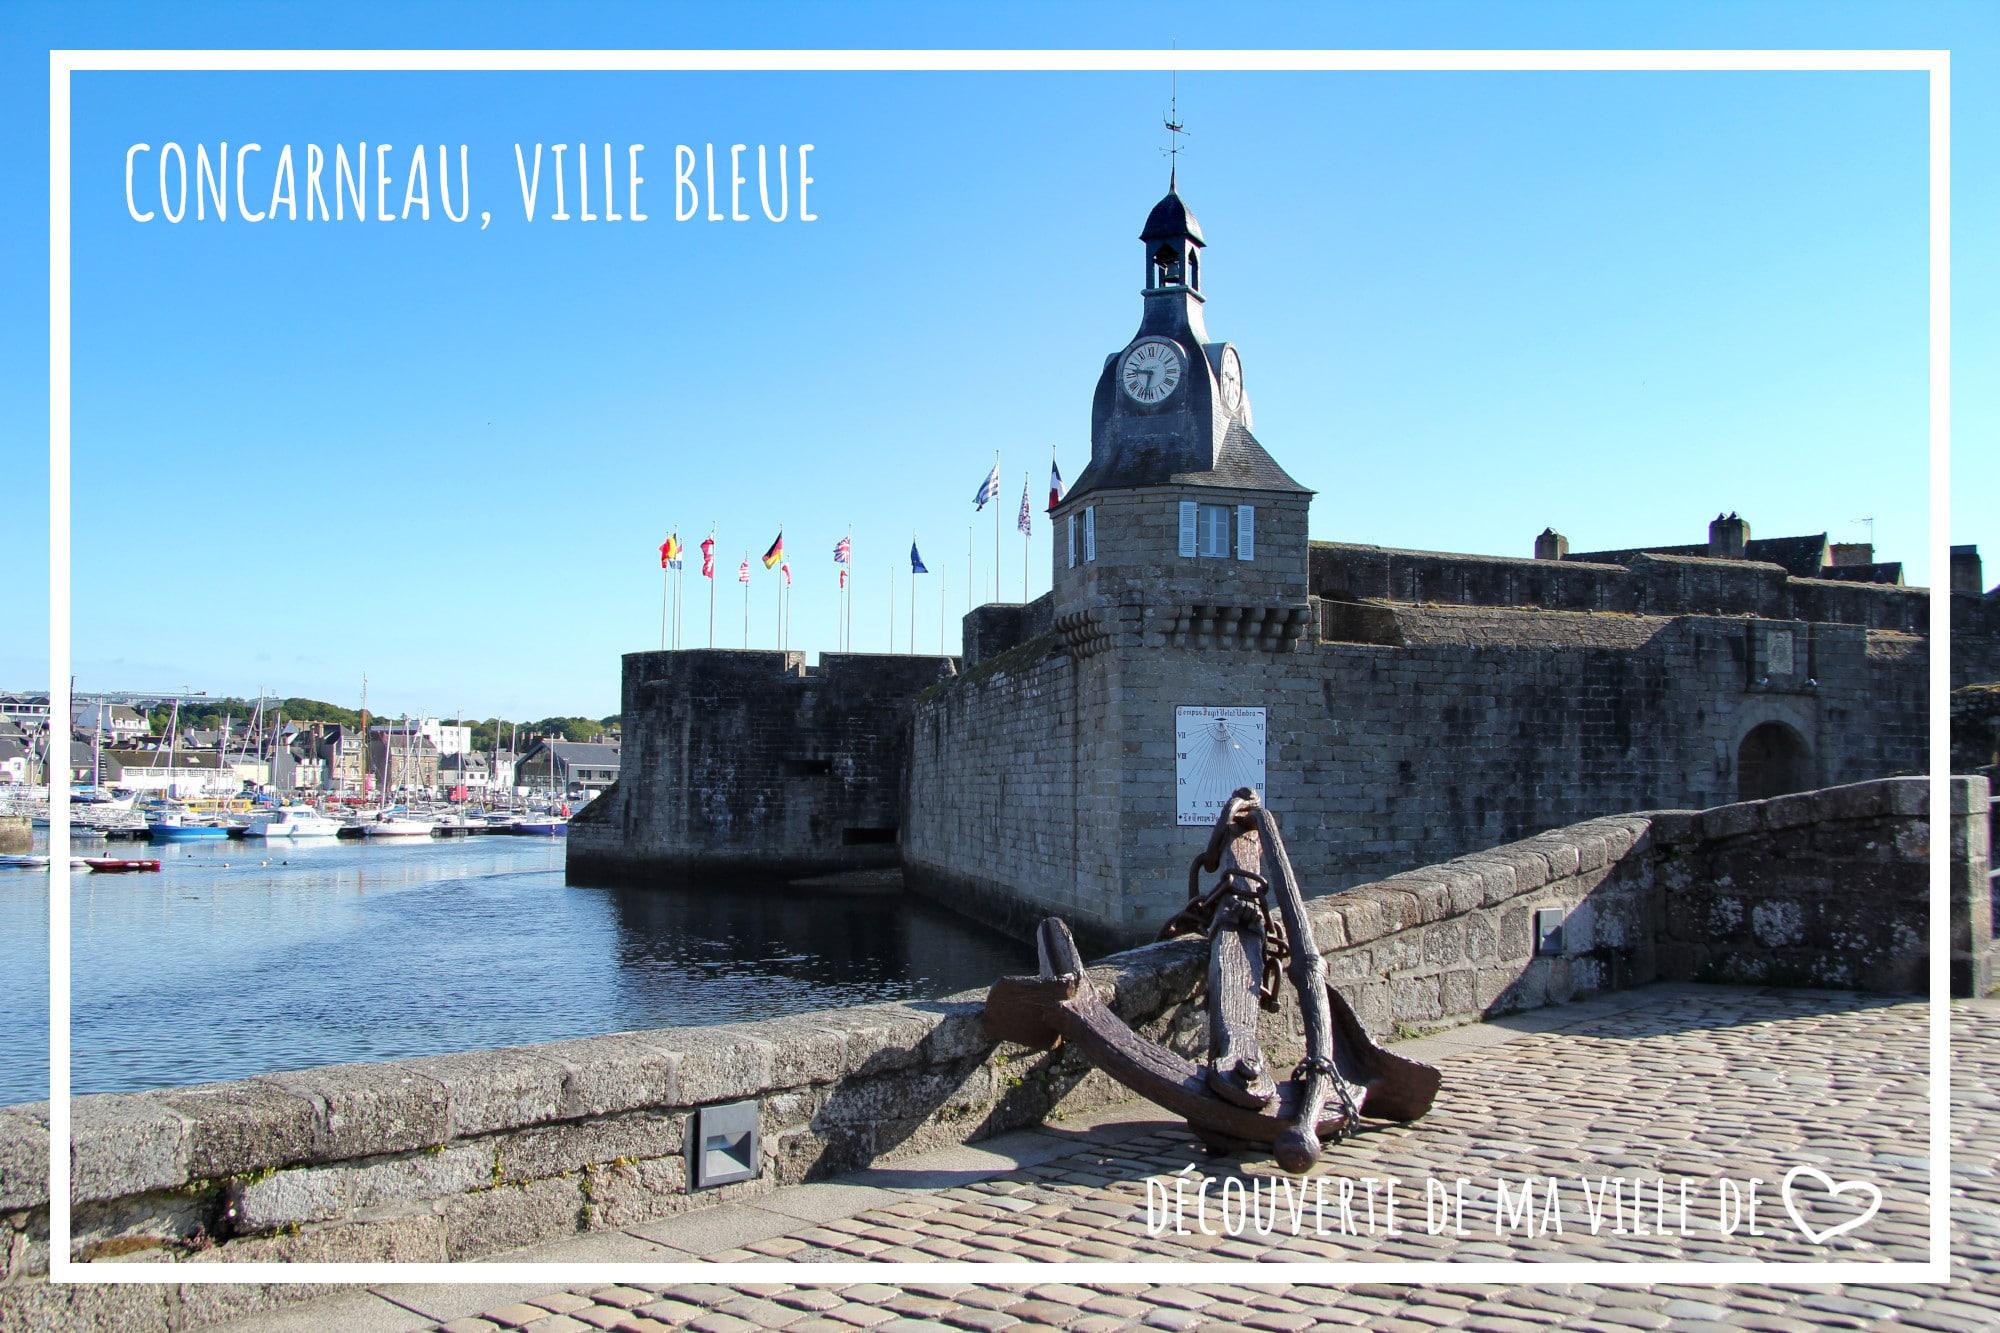 Concarneau Ville Bleue